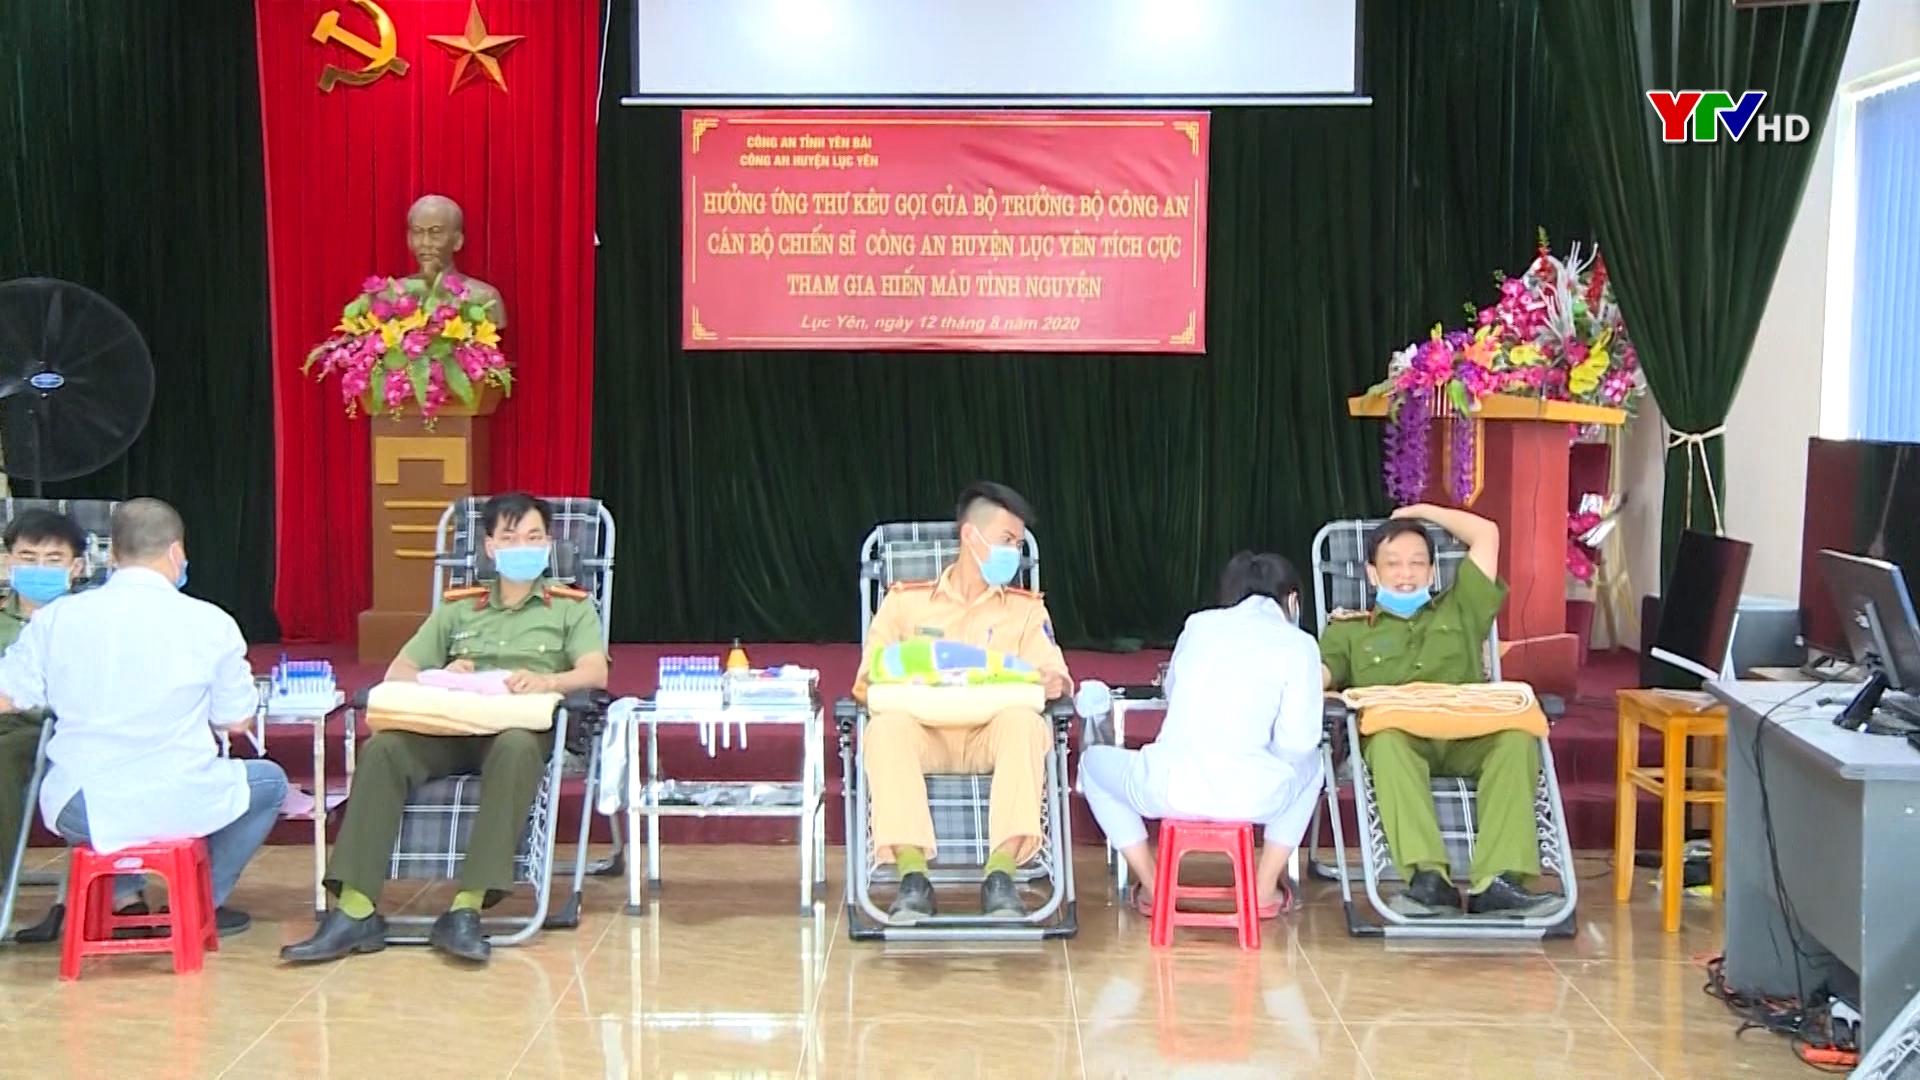 Cán bộ, chiến sỹ Công an huyện Lục Yên tích cực tham gia hiến máu tình nguyện